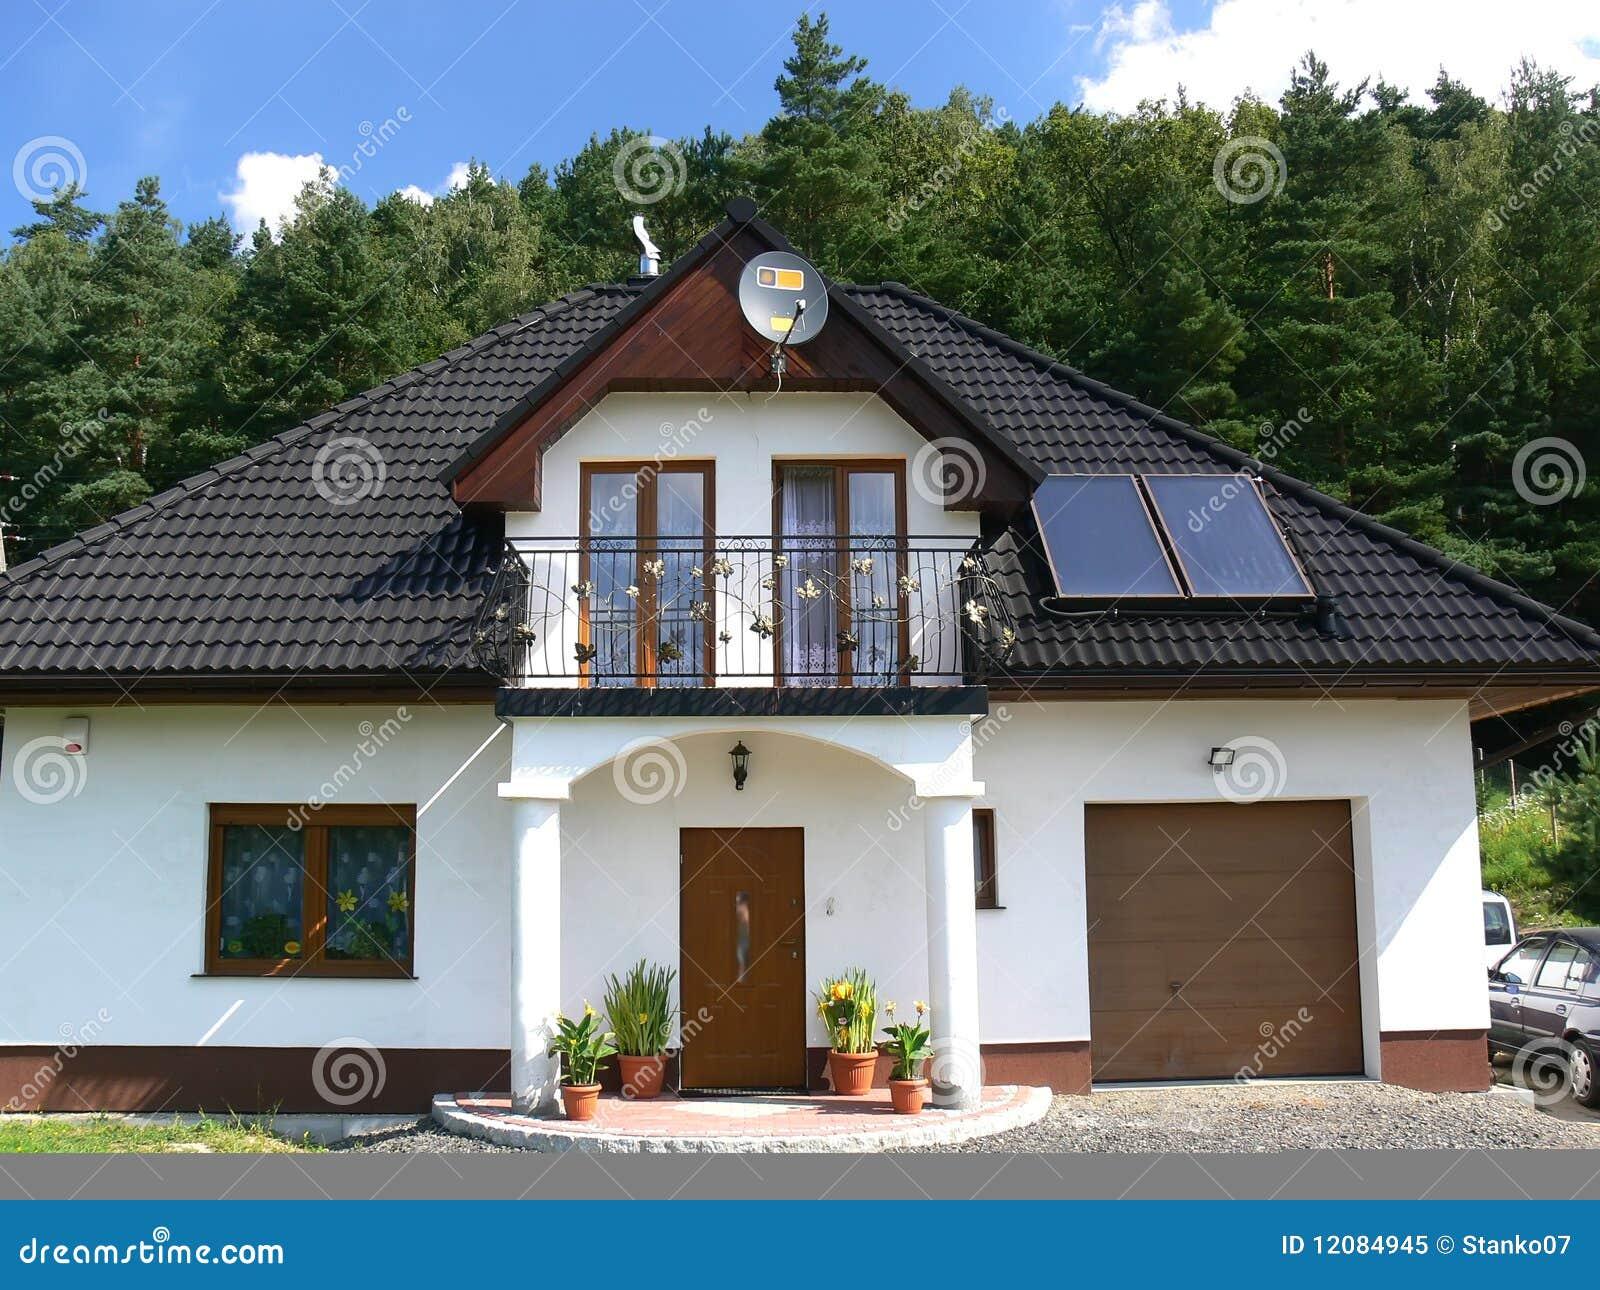 maison de famille image stock image du ext rieur fa ade 12084945. Black Bedroom Furniture Sets. Home Design Ideas